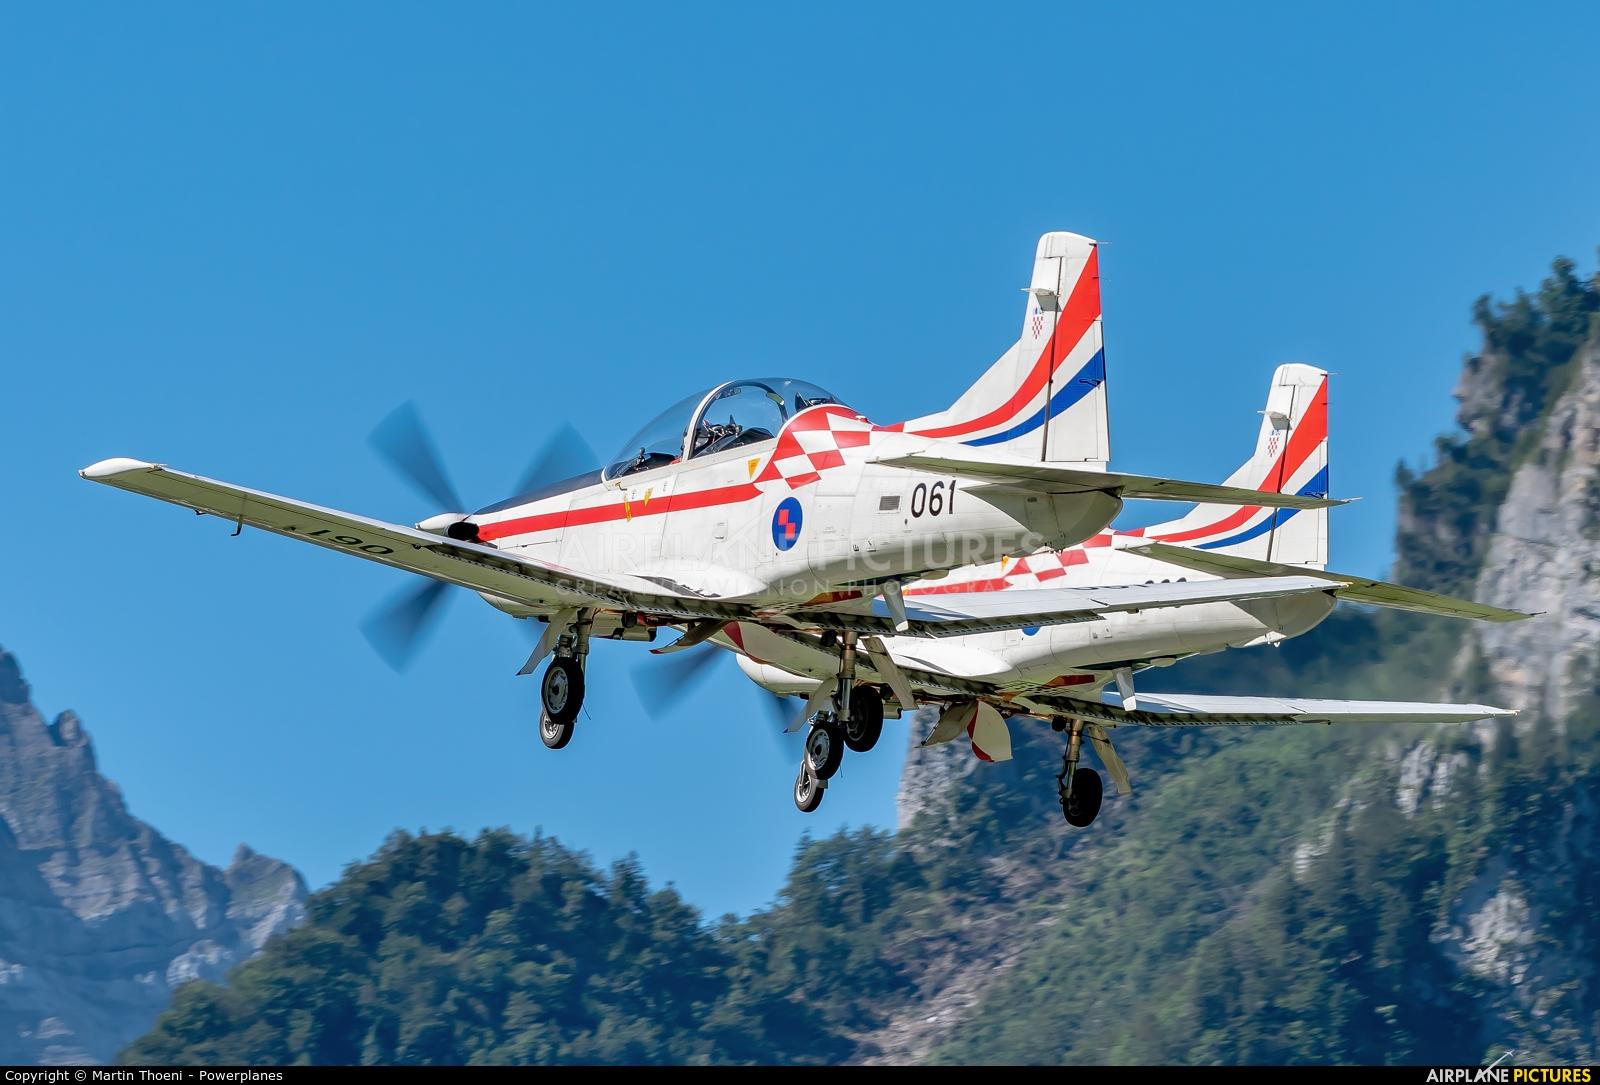 Croatia - Air Force 061 aircraft at Mollis